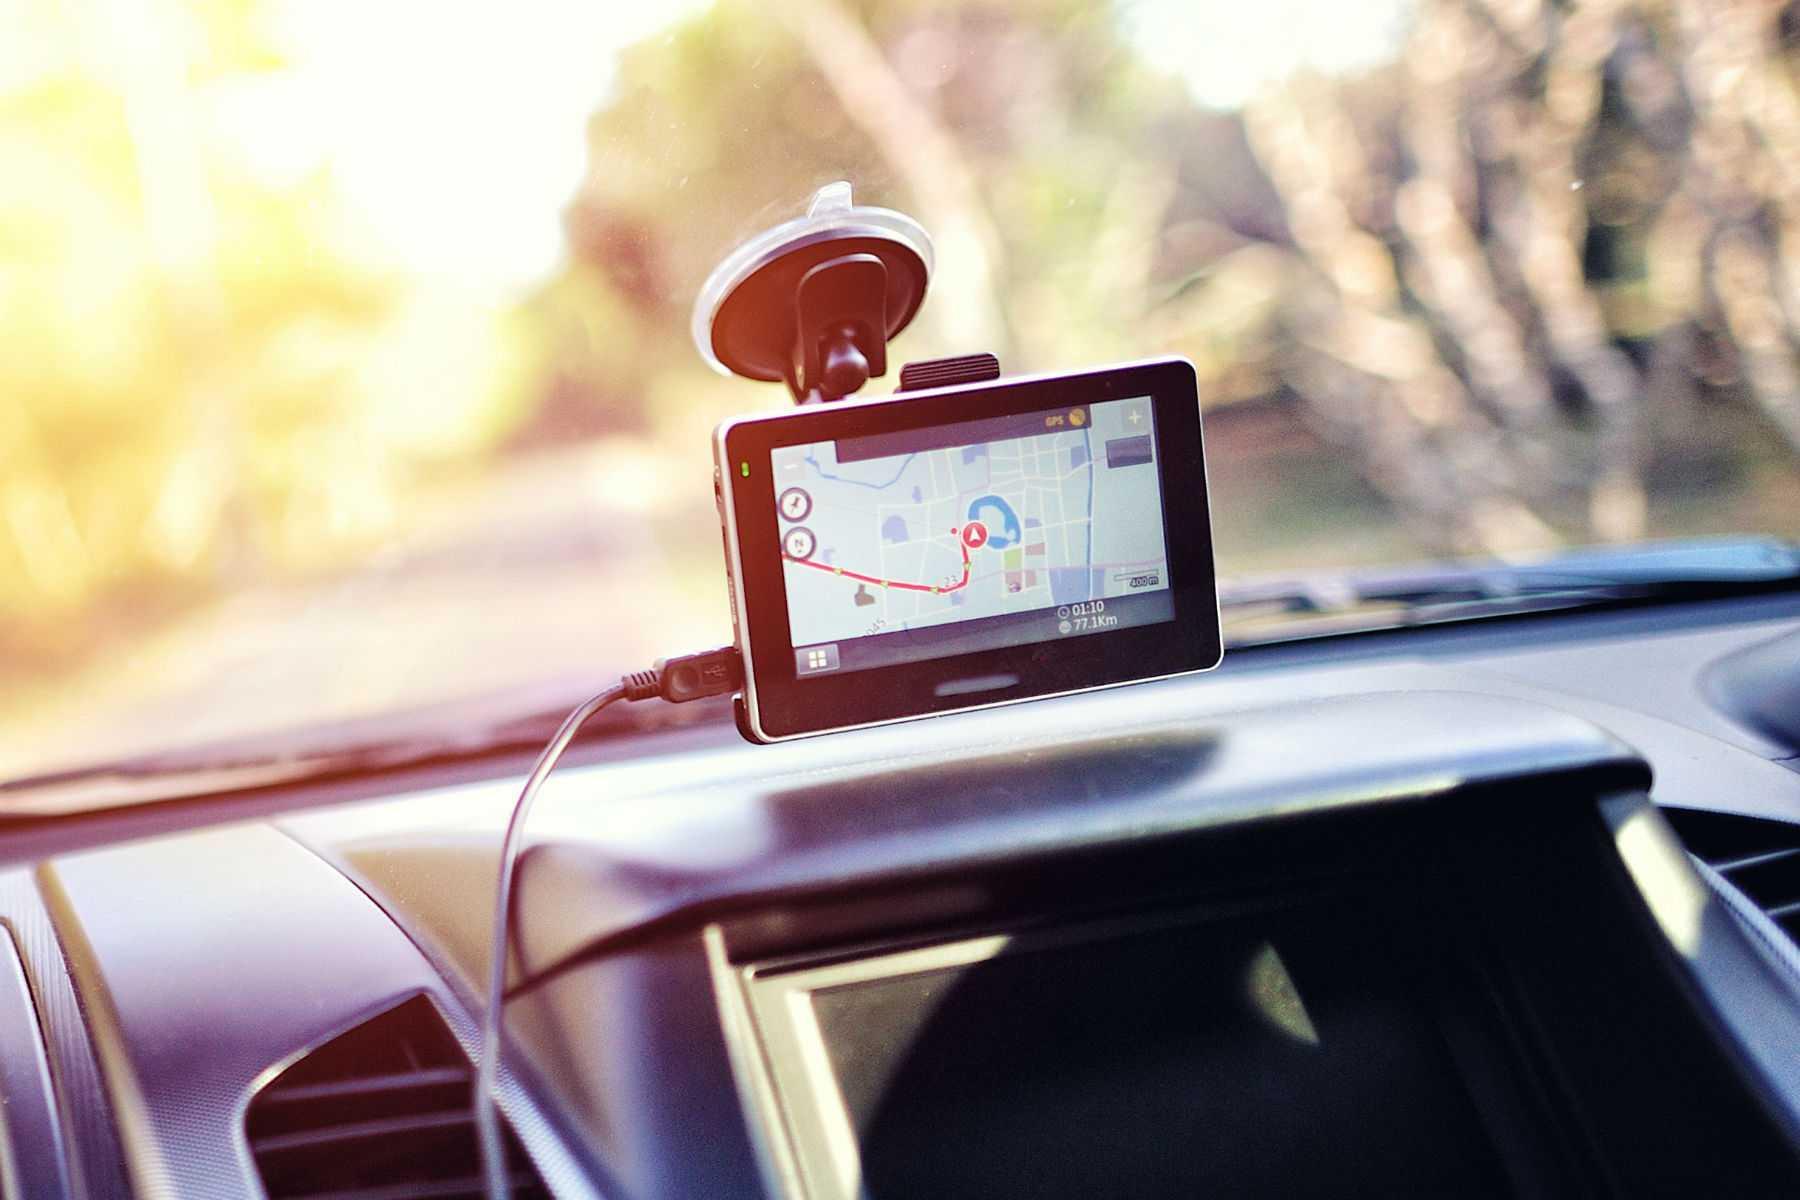 Как выбрать видеорегистратор для автомобиля: какой правильно, лучшие модели, по параметрам, отзывы